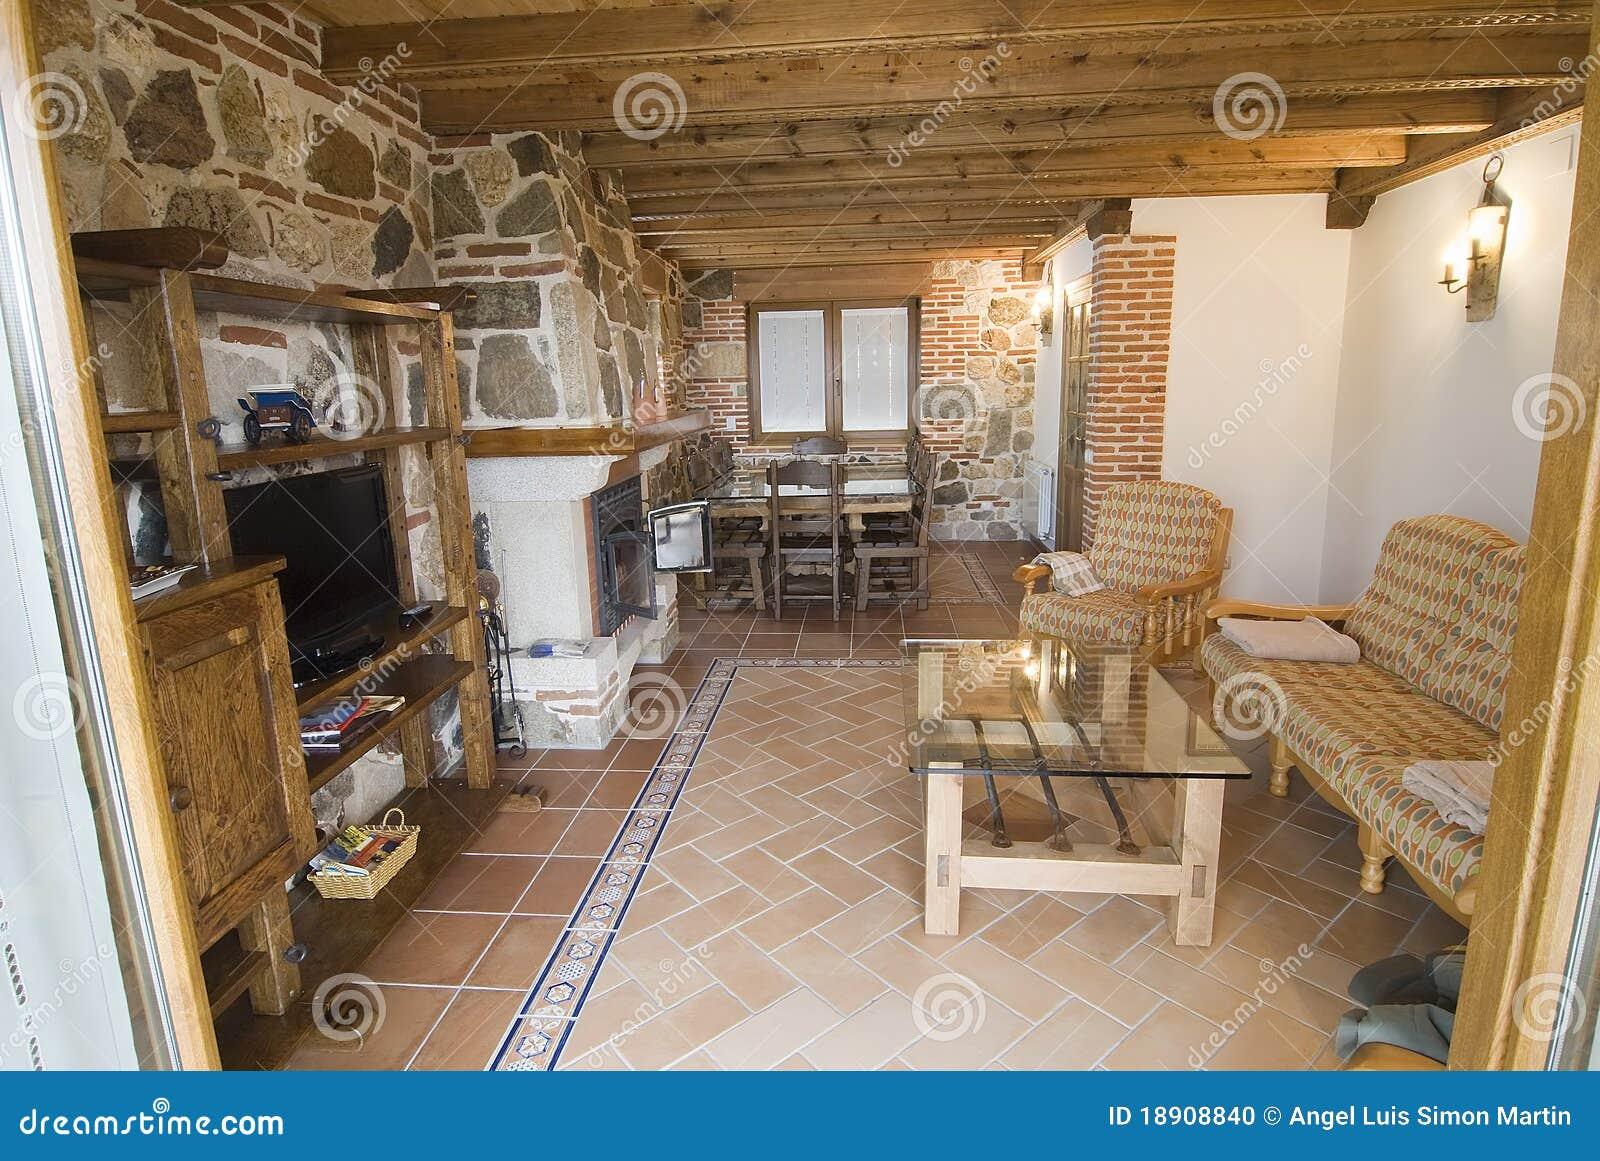 Rustikales Wohnzimmer.